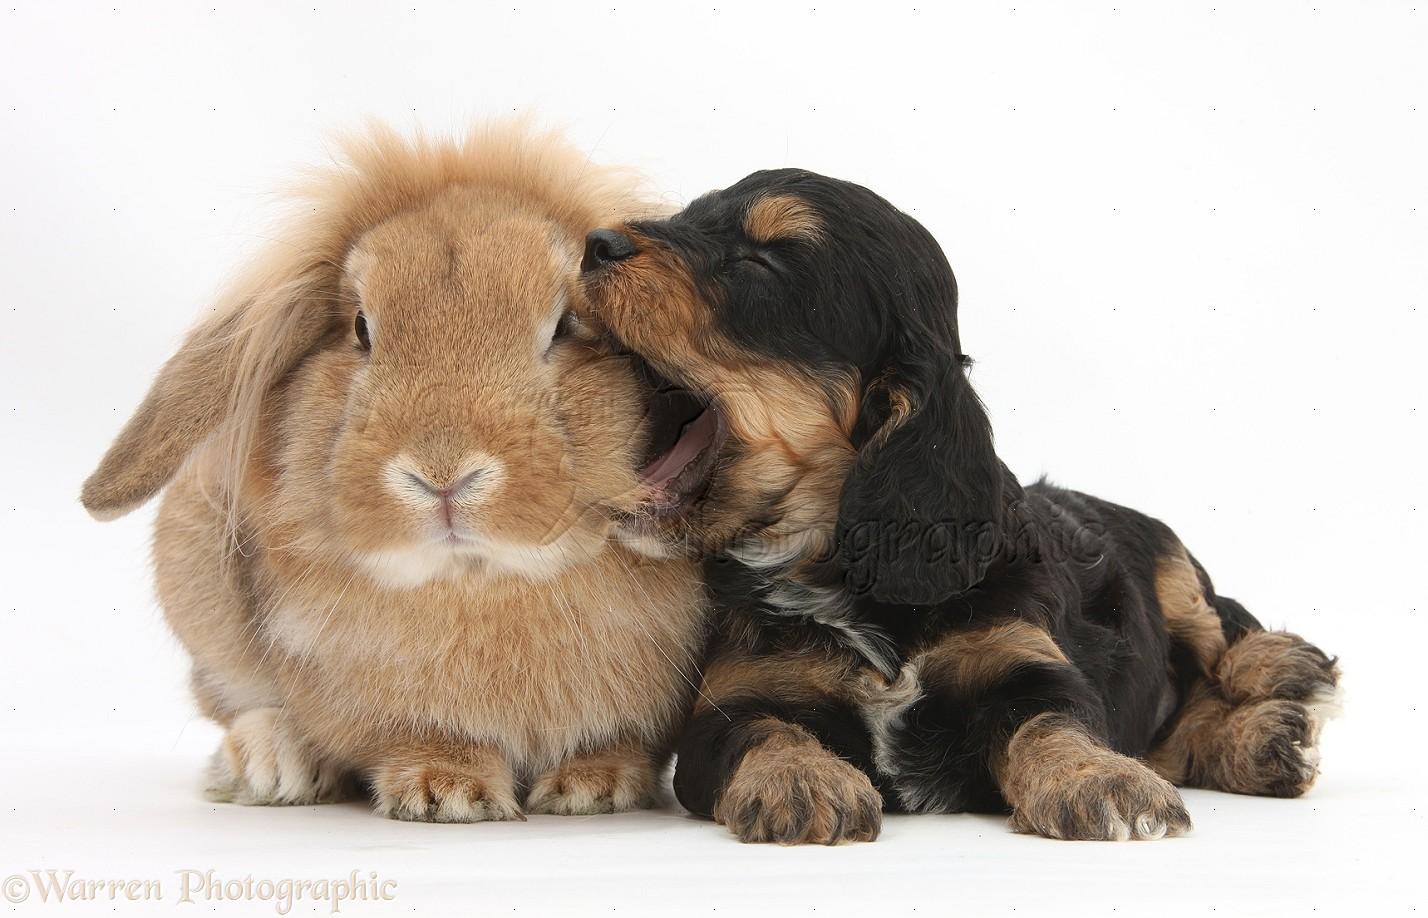 Pets Cockapoo Pup And Lionhead Lop Rabbit Photo Wp29236